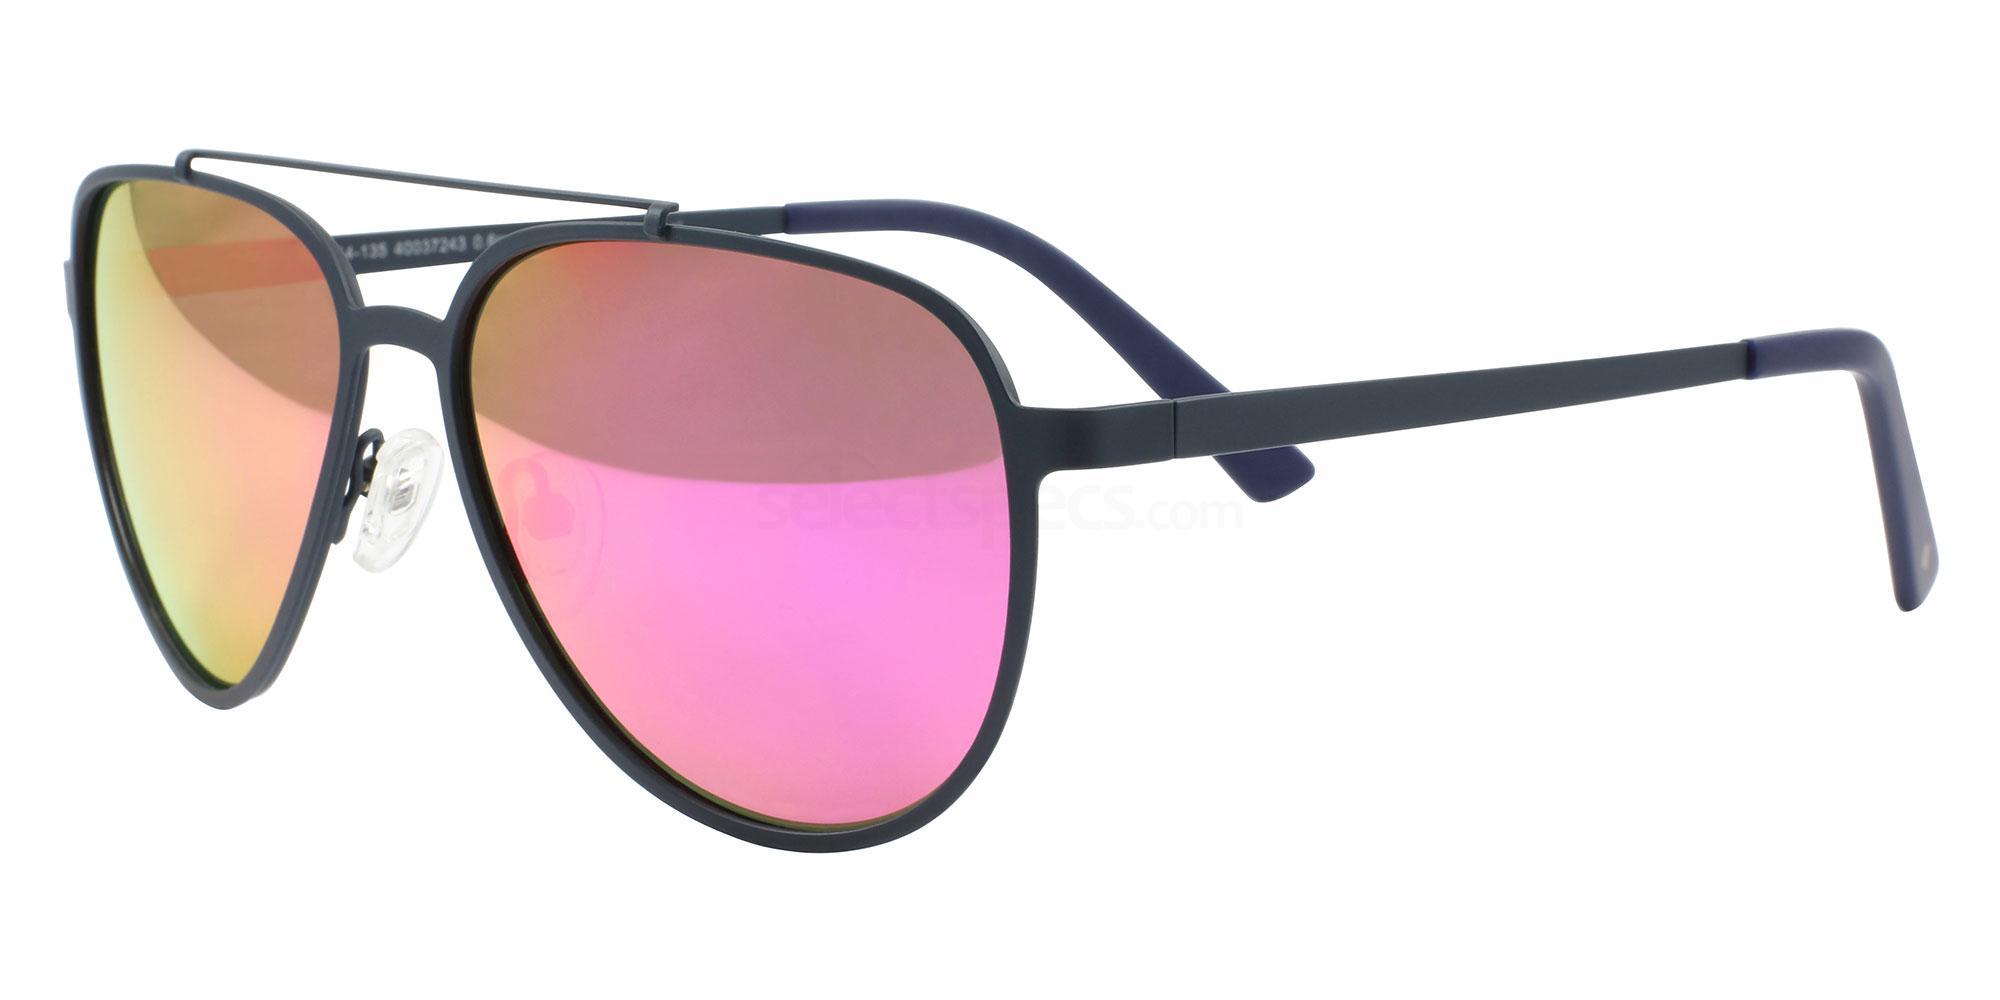 C1 Dunlop Sun 36 Sunglasses, Dunlop